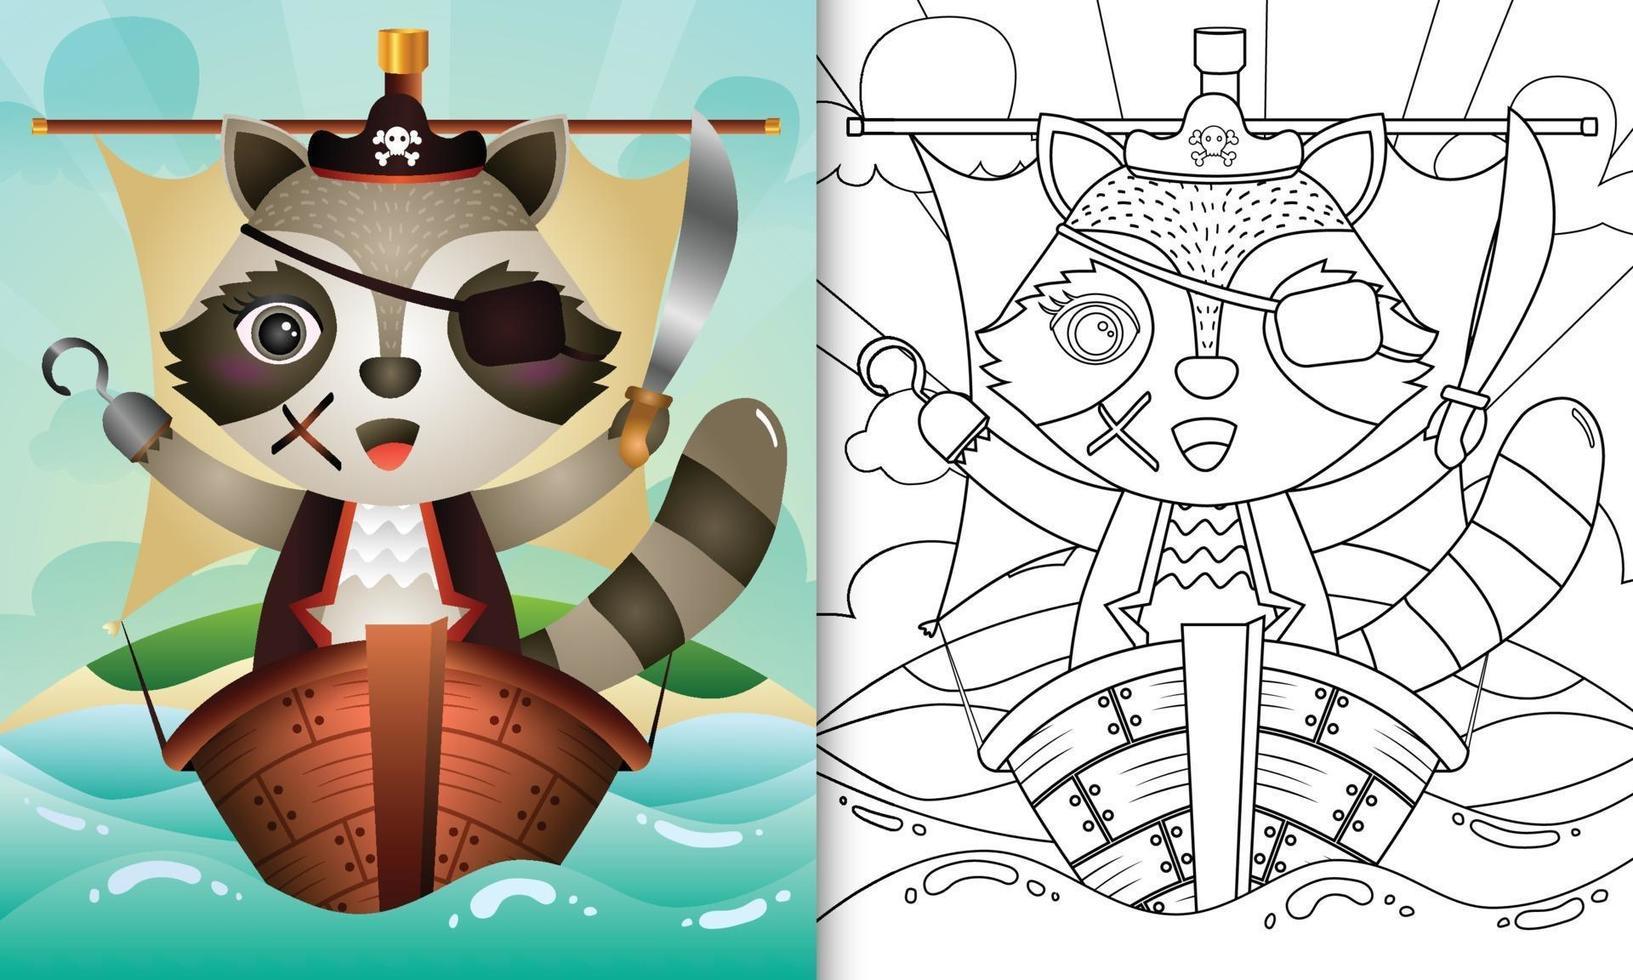 libro da colorare per bambini con un simpatico personaggio di procione pirata vettore